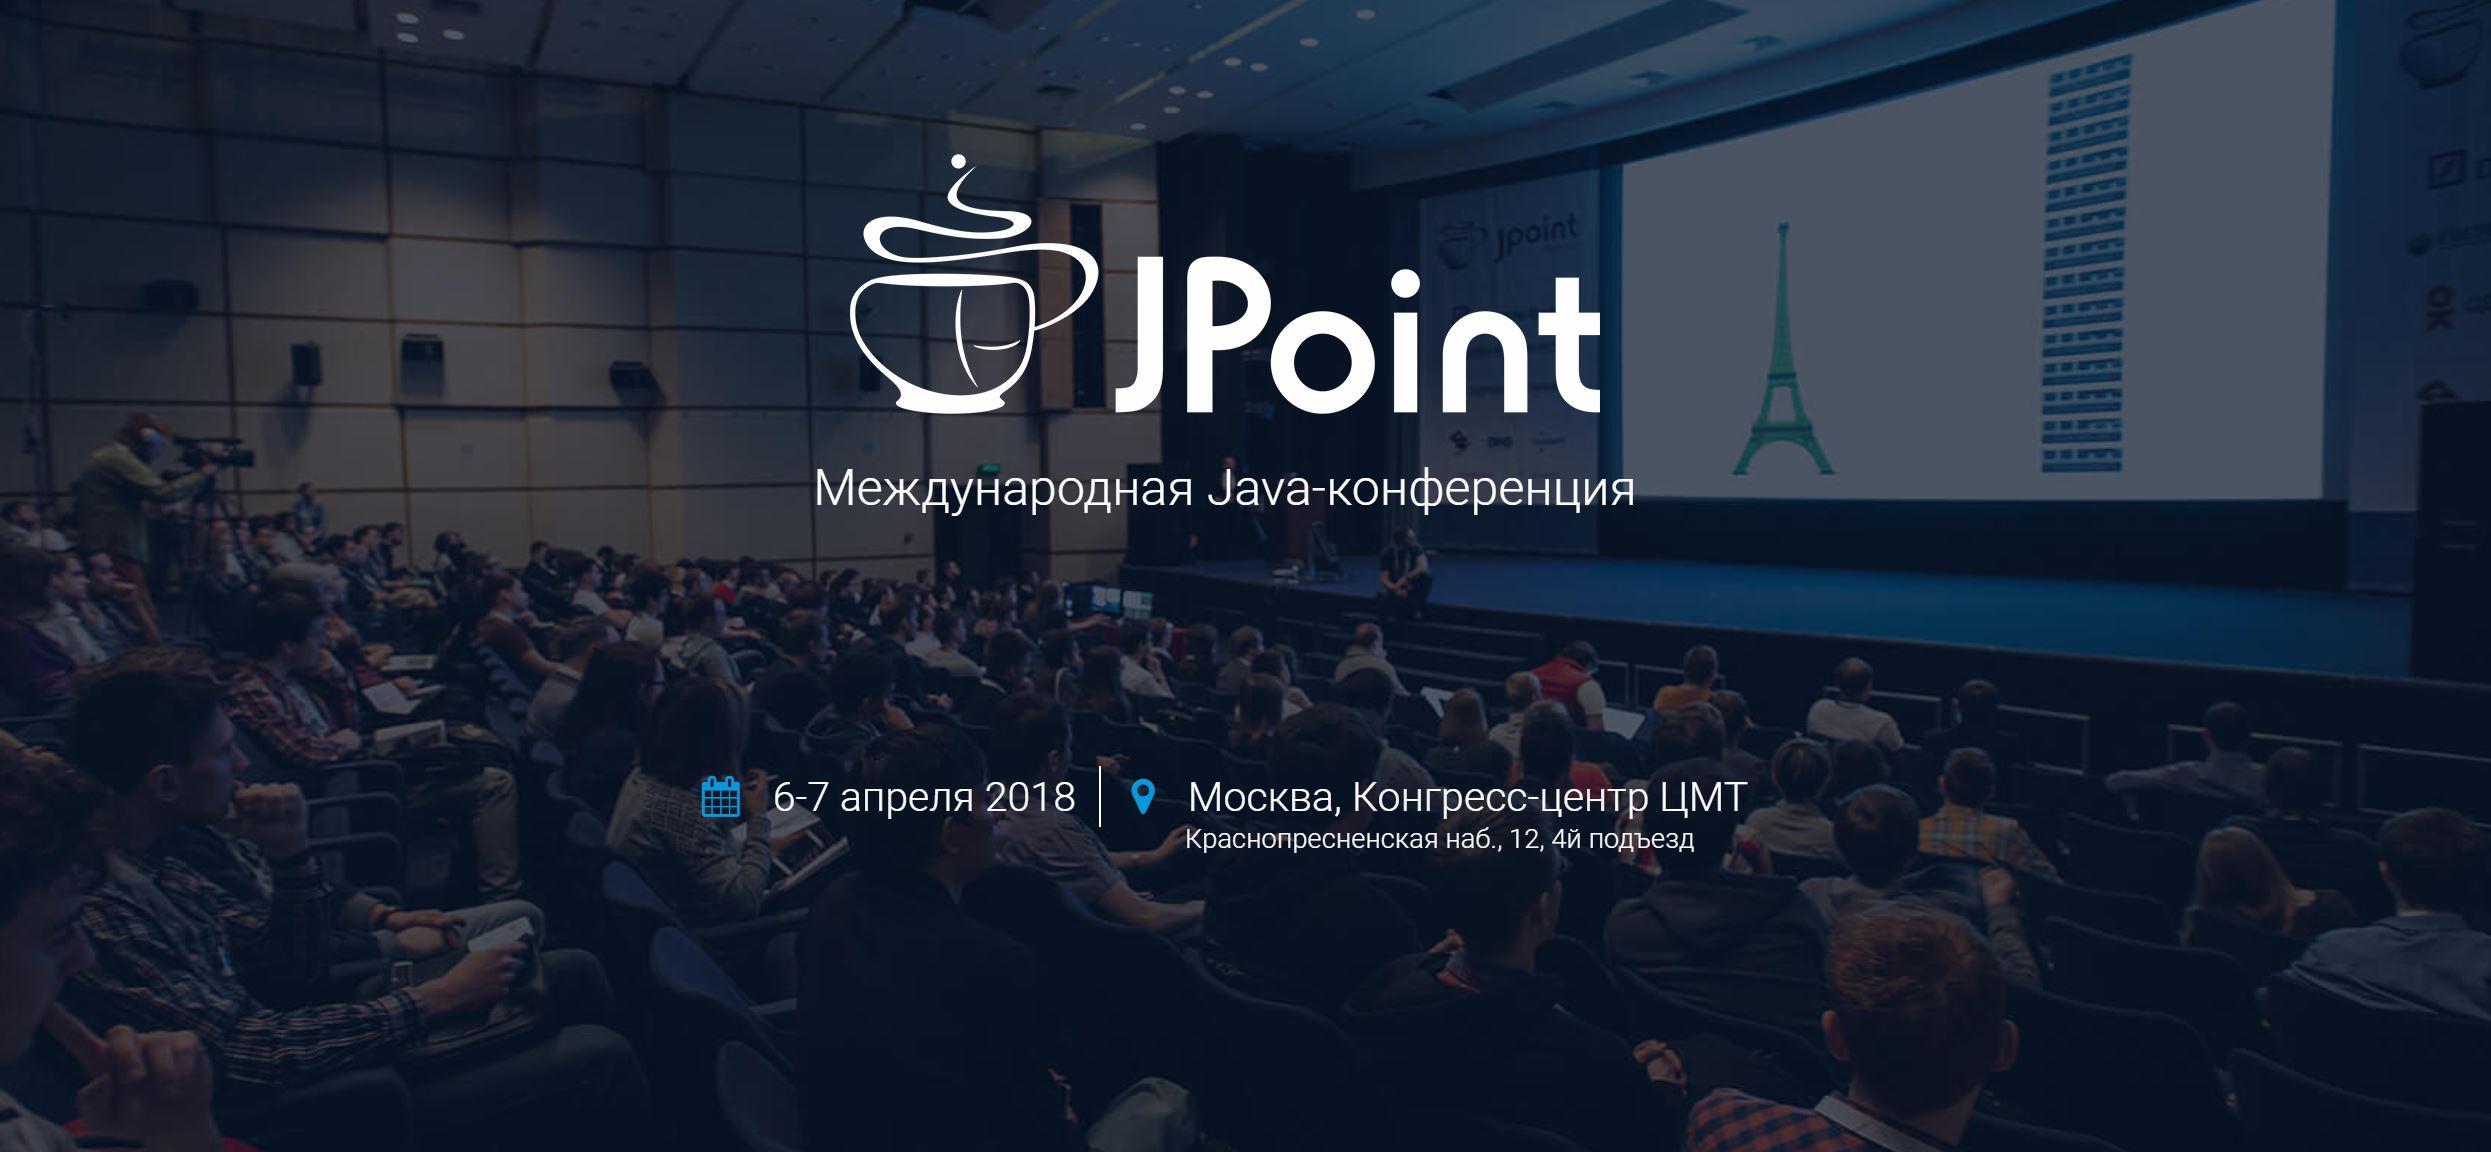 Анонс Java-конференции JPoint 2018: JDK 9, высокие нагрузки и производительность JVM - 1